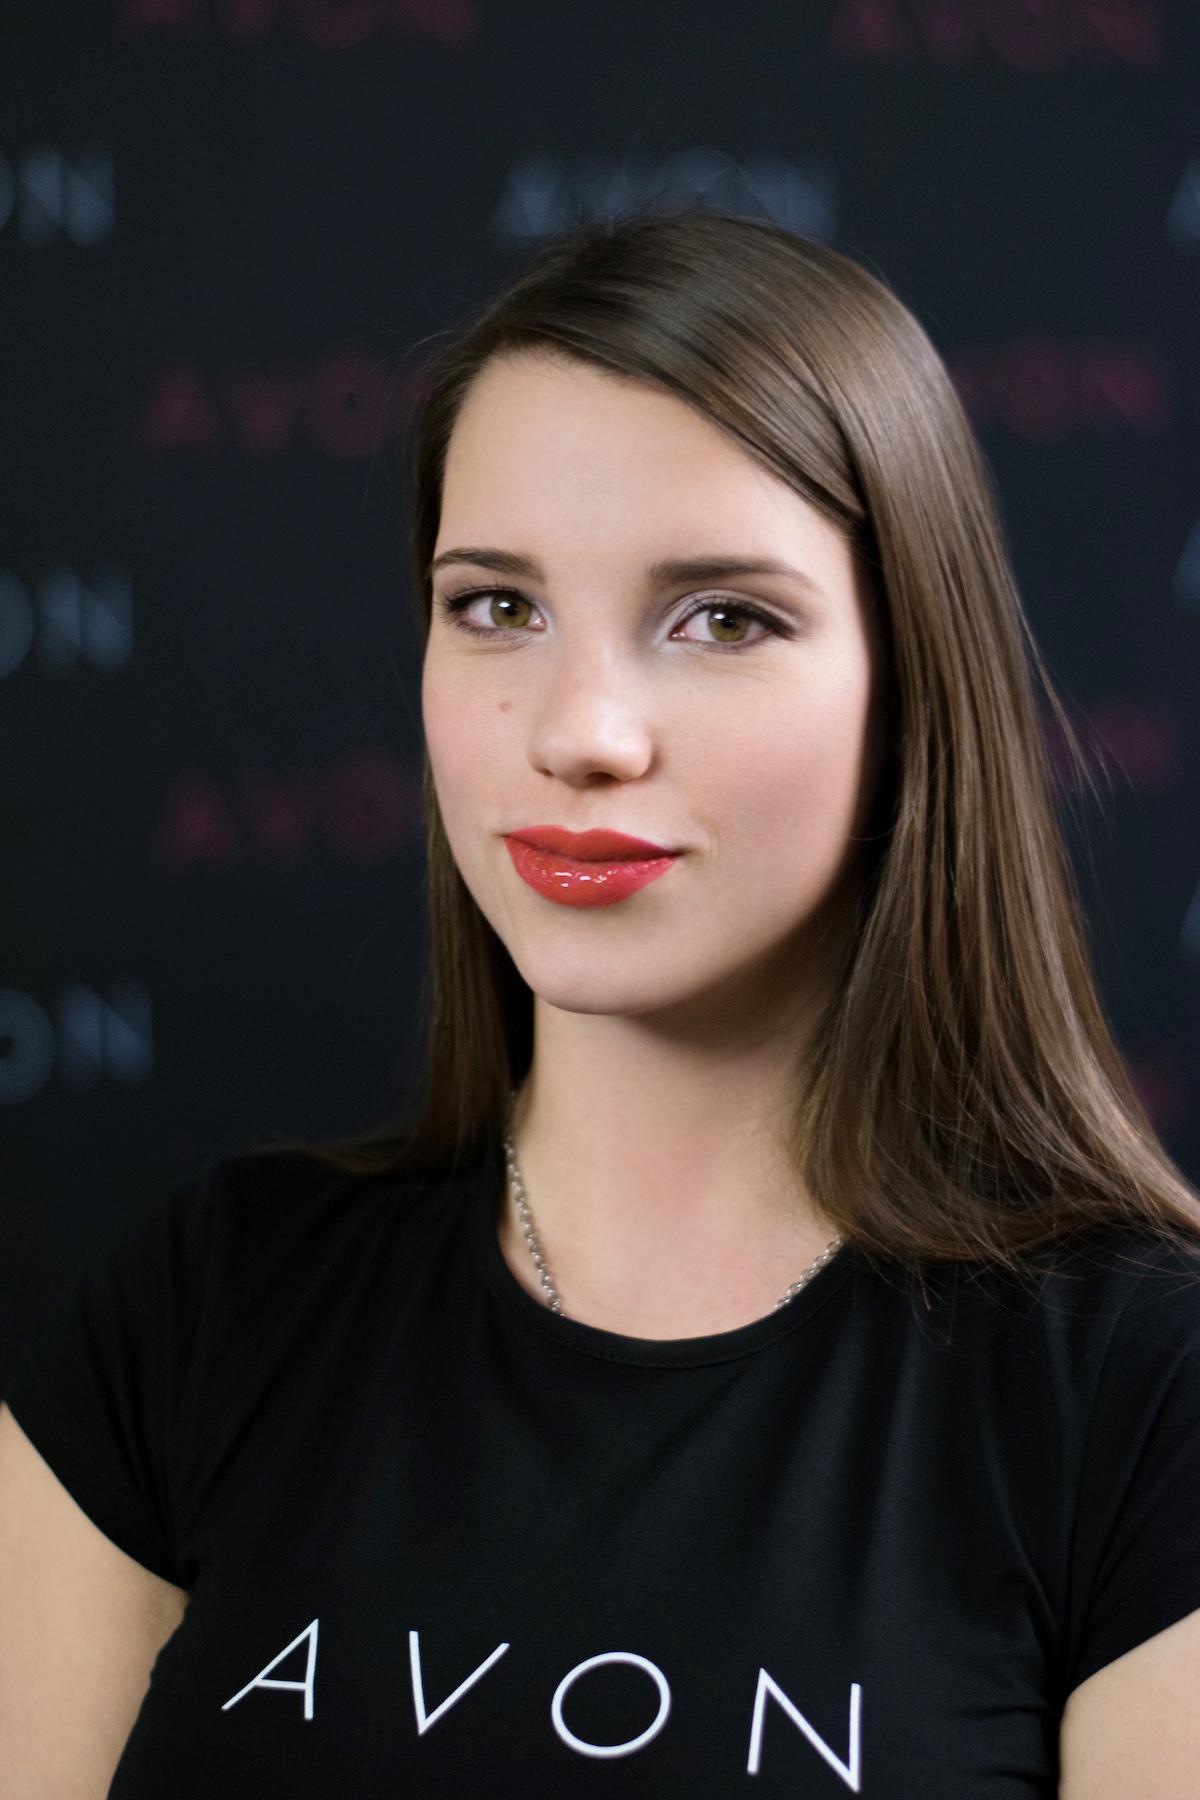 Avon Mark Ombre Lipstick ustnice Beautyfullblog